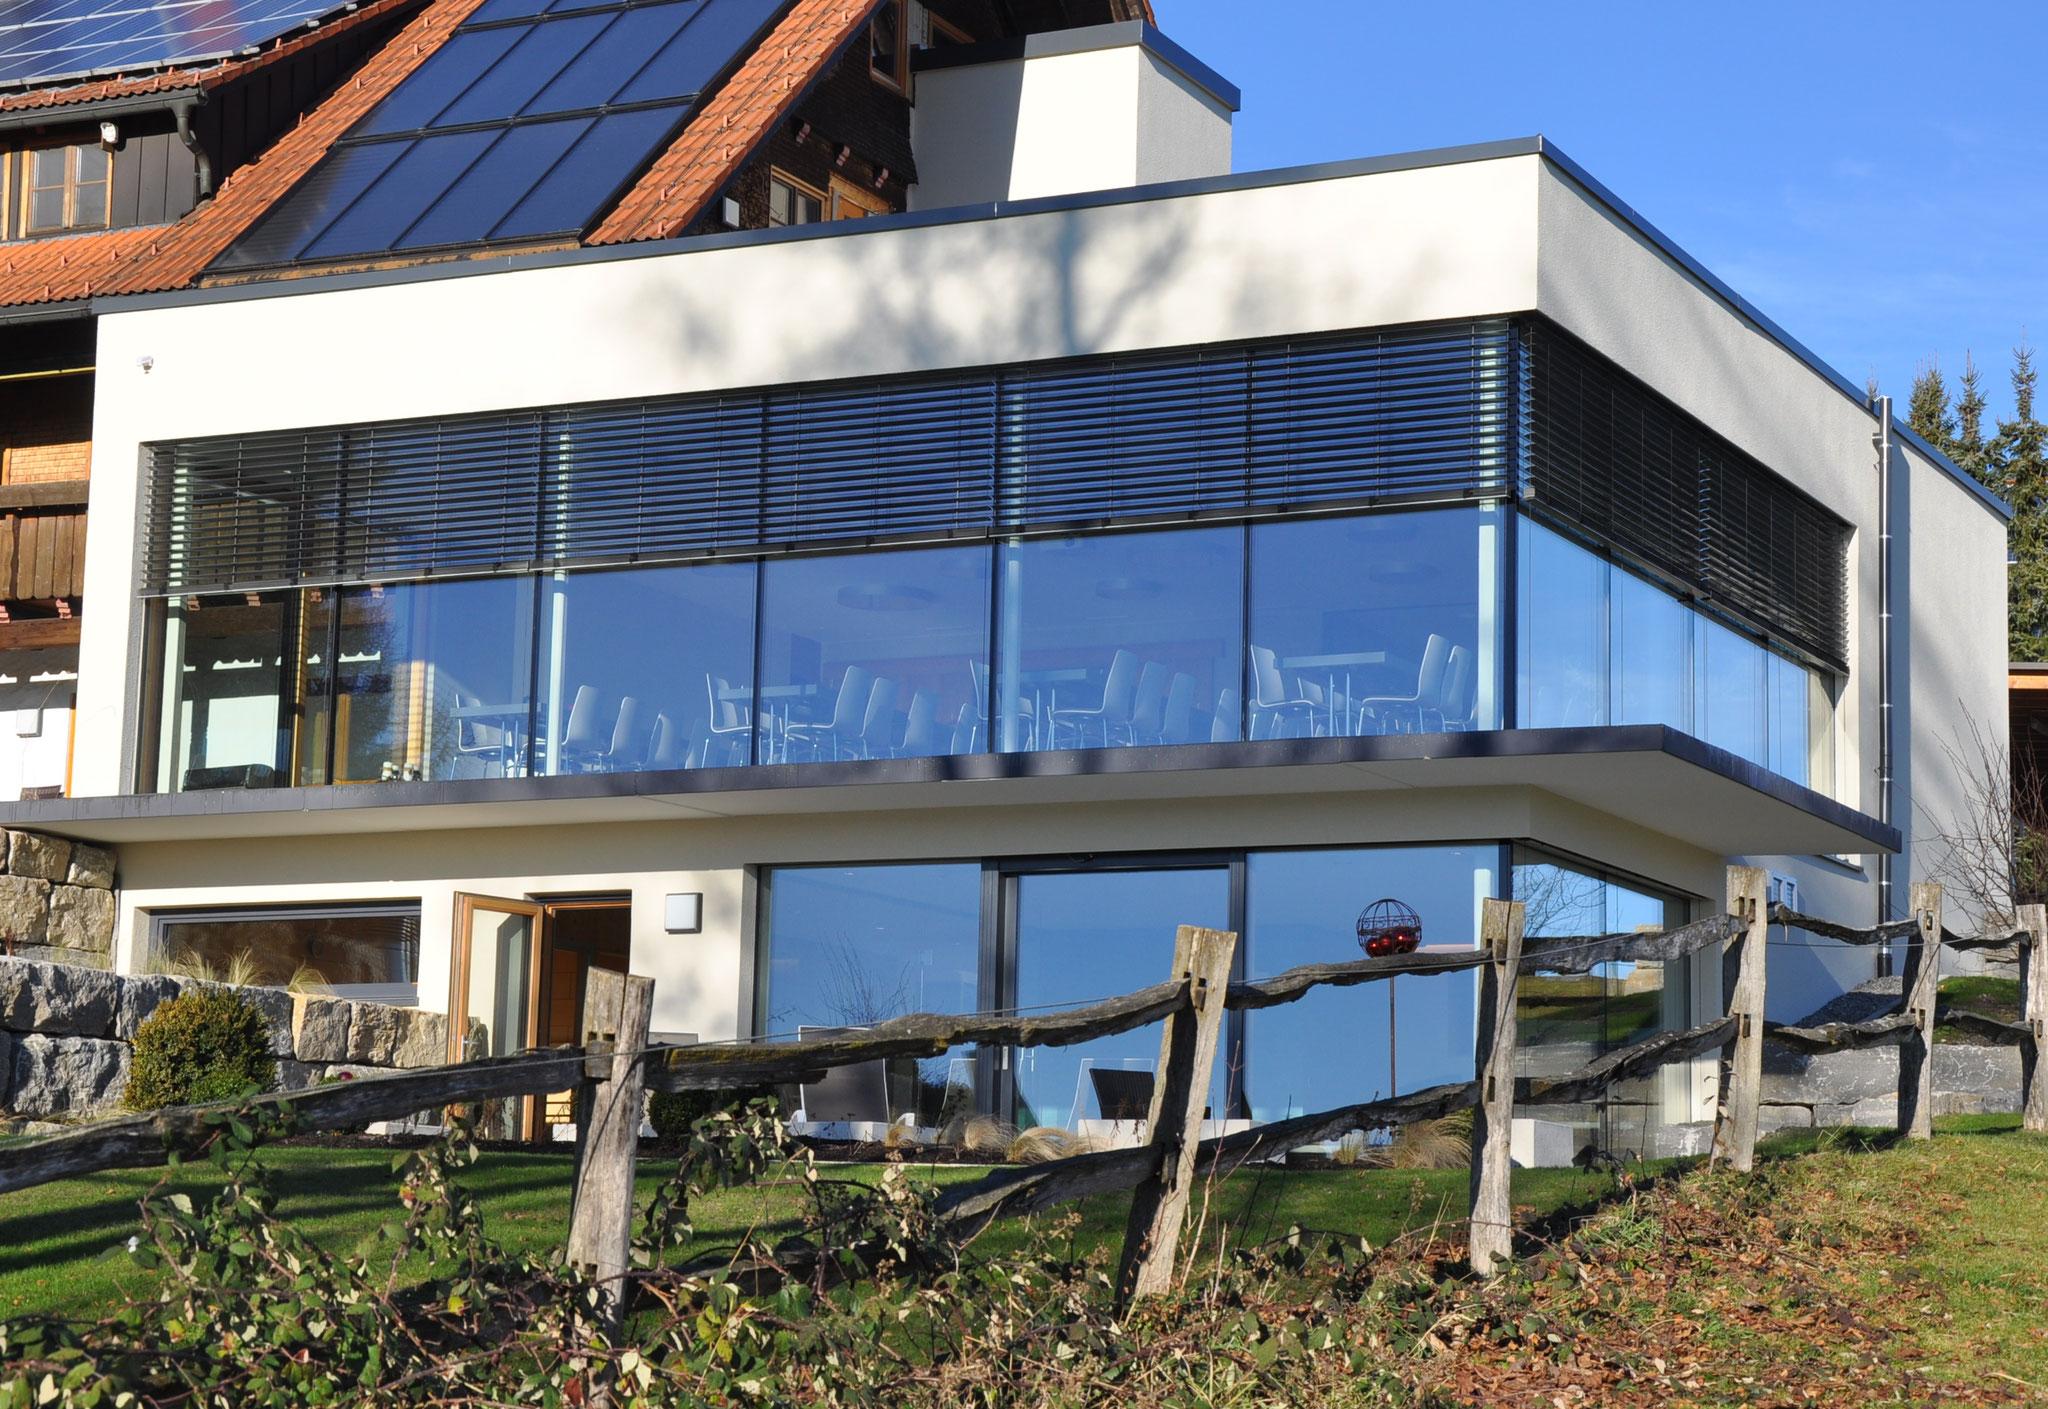 Fertigstellung, Südansicht, Anbau an Beherbergungsbetrieb in Scheidegg